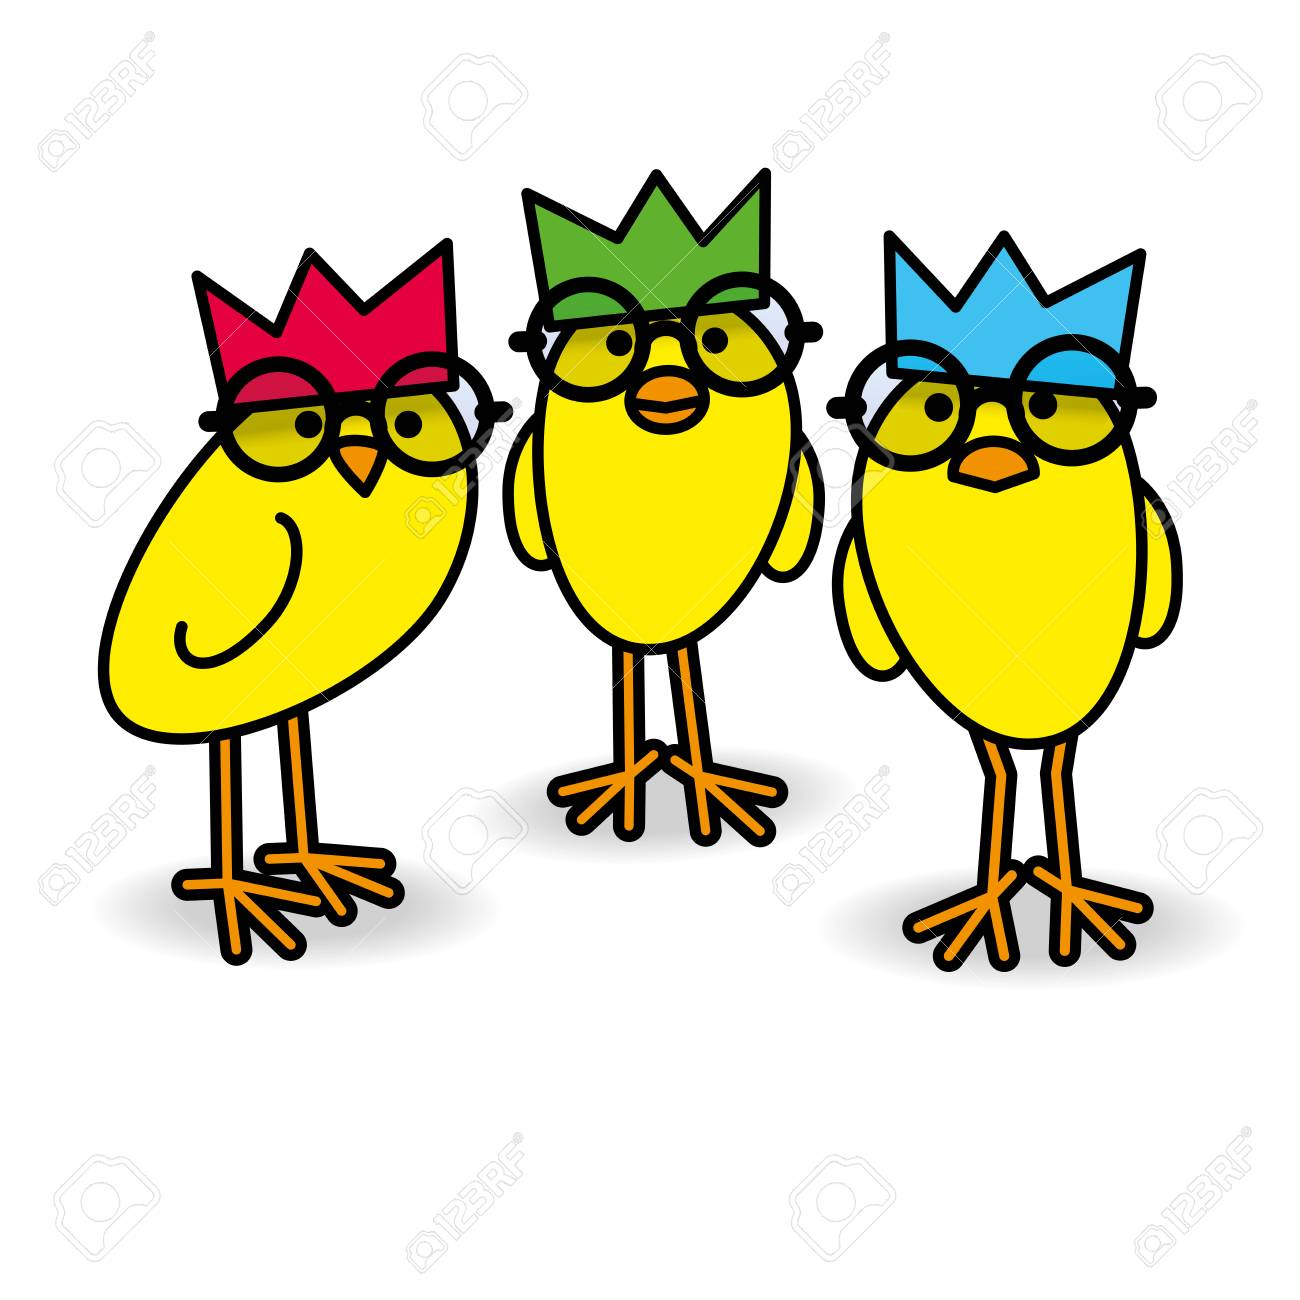 Drei Nette Anstarrende Gelbe Küken, Die Partyhüte Und Schwarze Runde ...